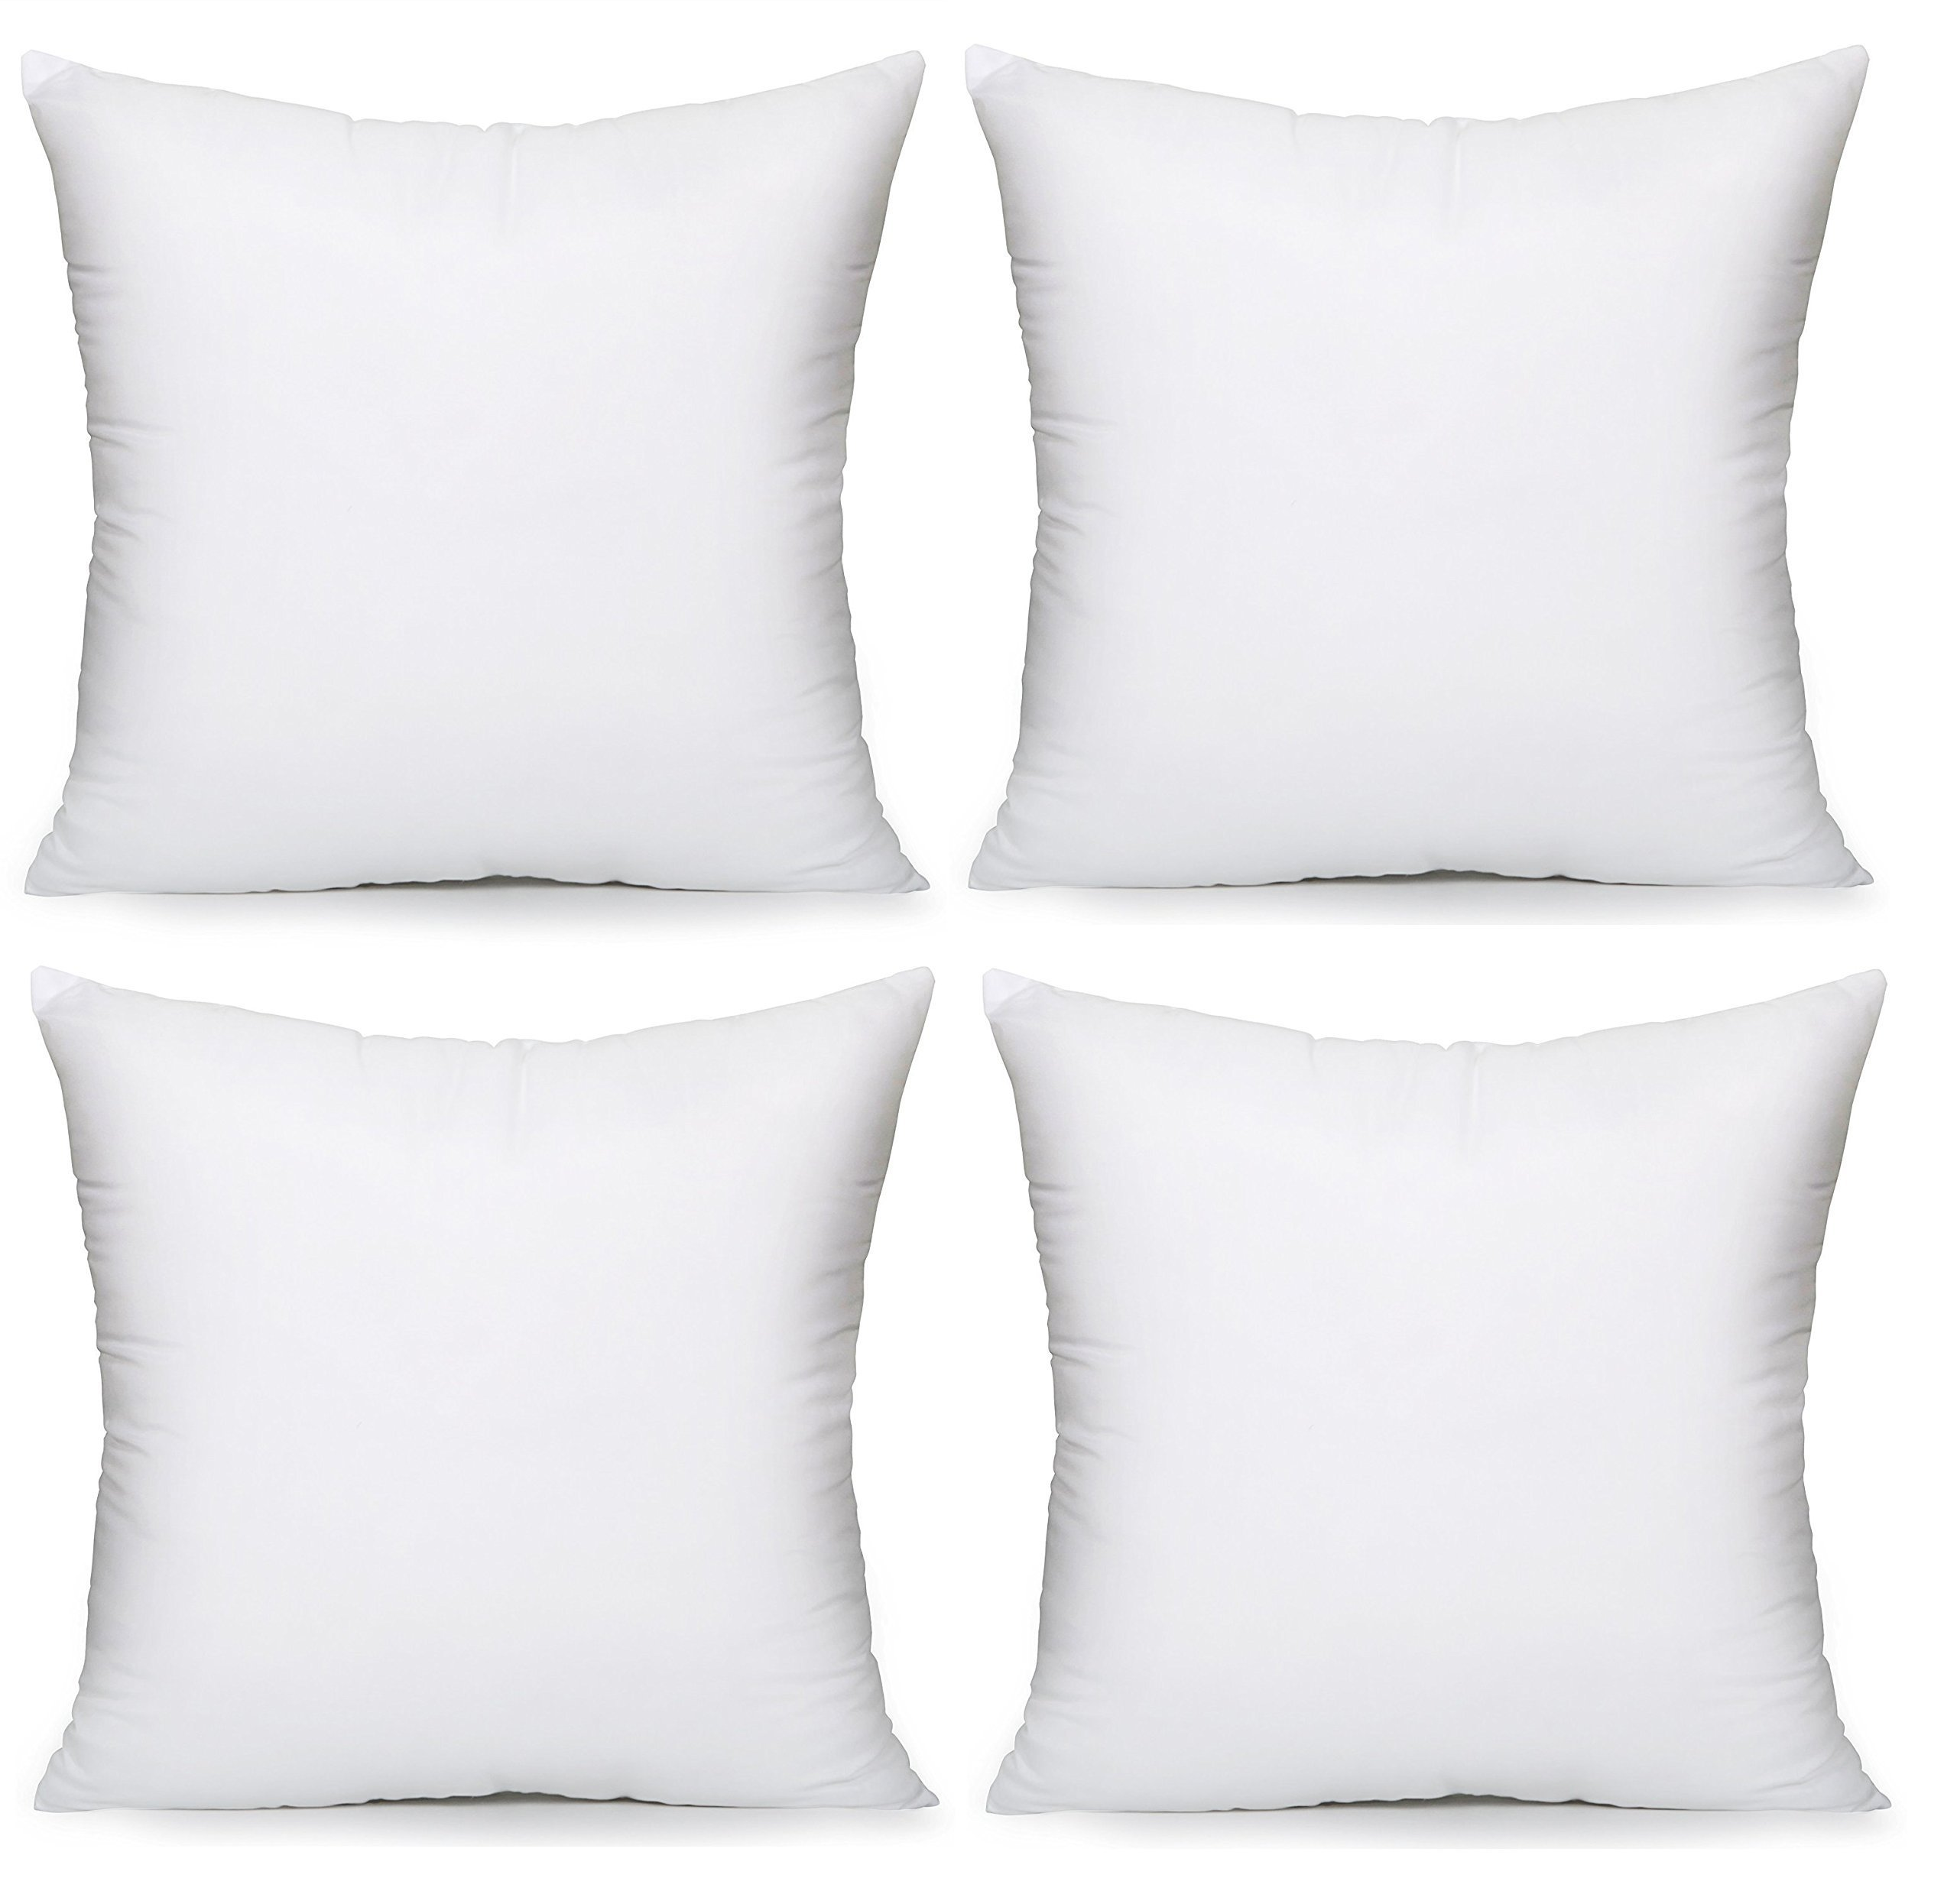 of wayfair inserts set pillows down pillow decor rectangular reviews alwyn insert pdp home feather